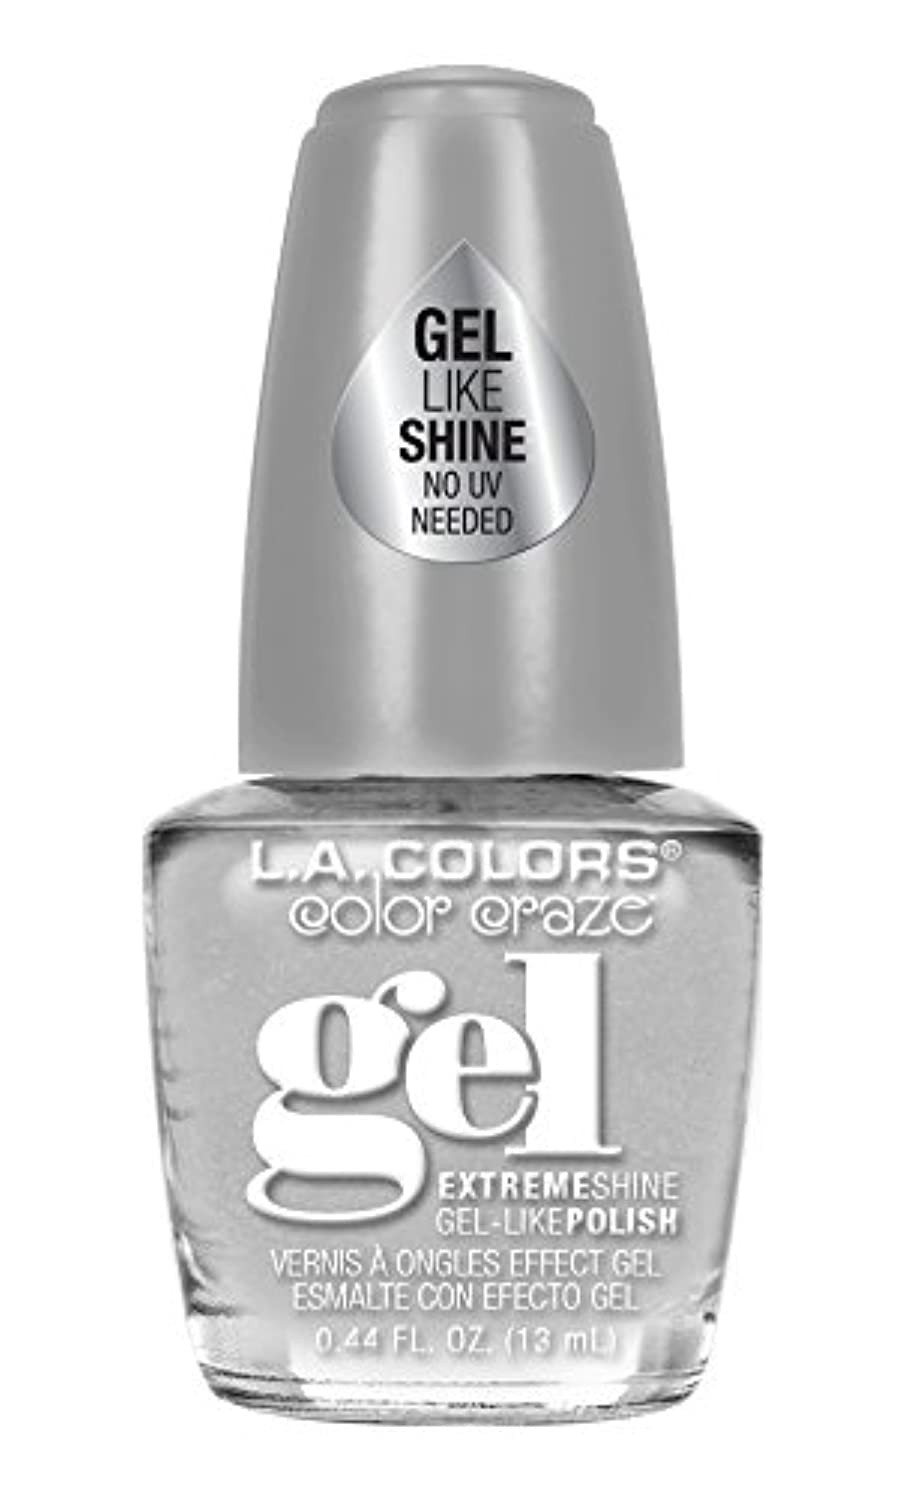 振幅要塞良心LA Colors 美容化粧品21 Cnp756美容化粧品21